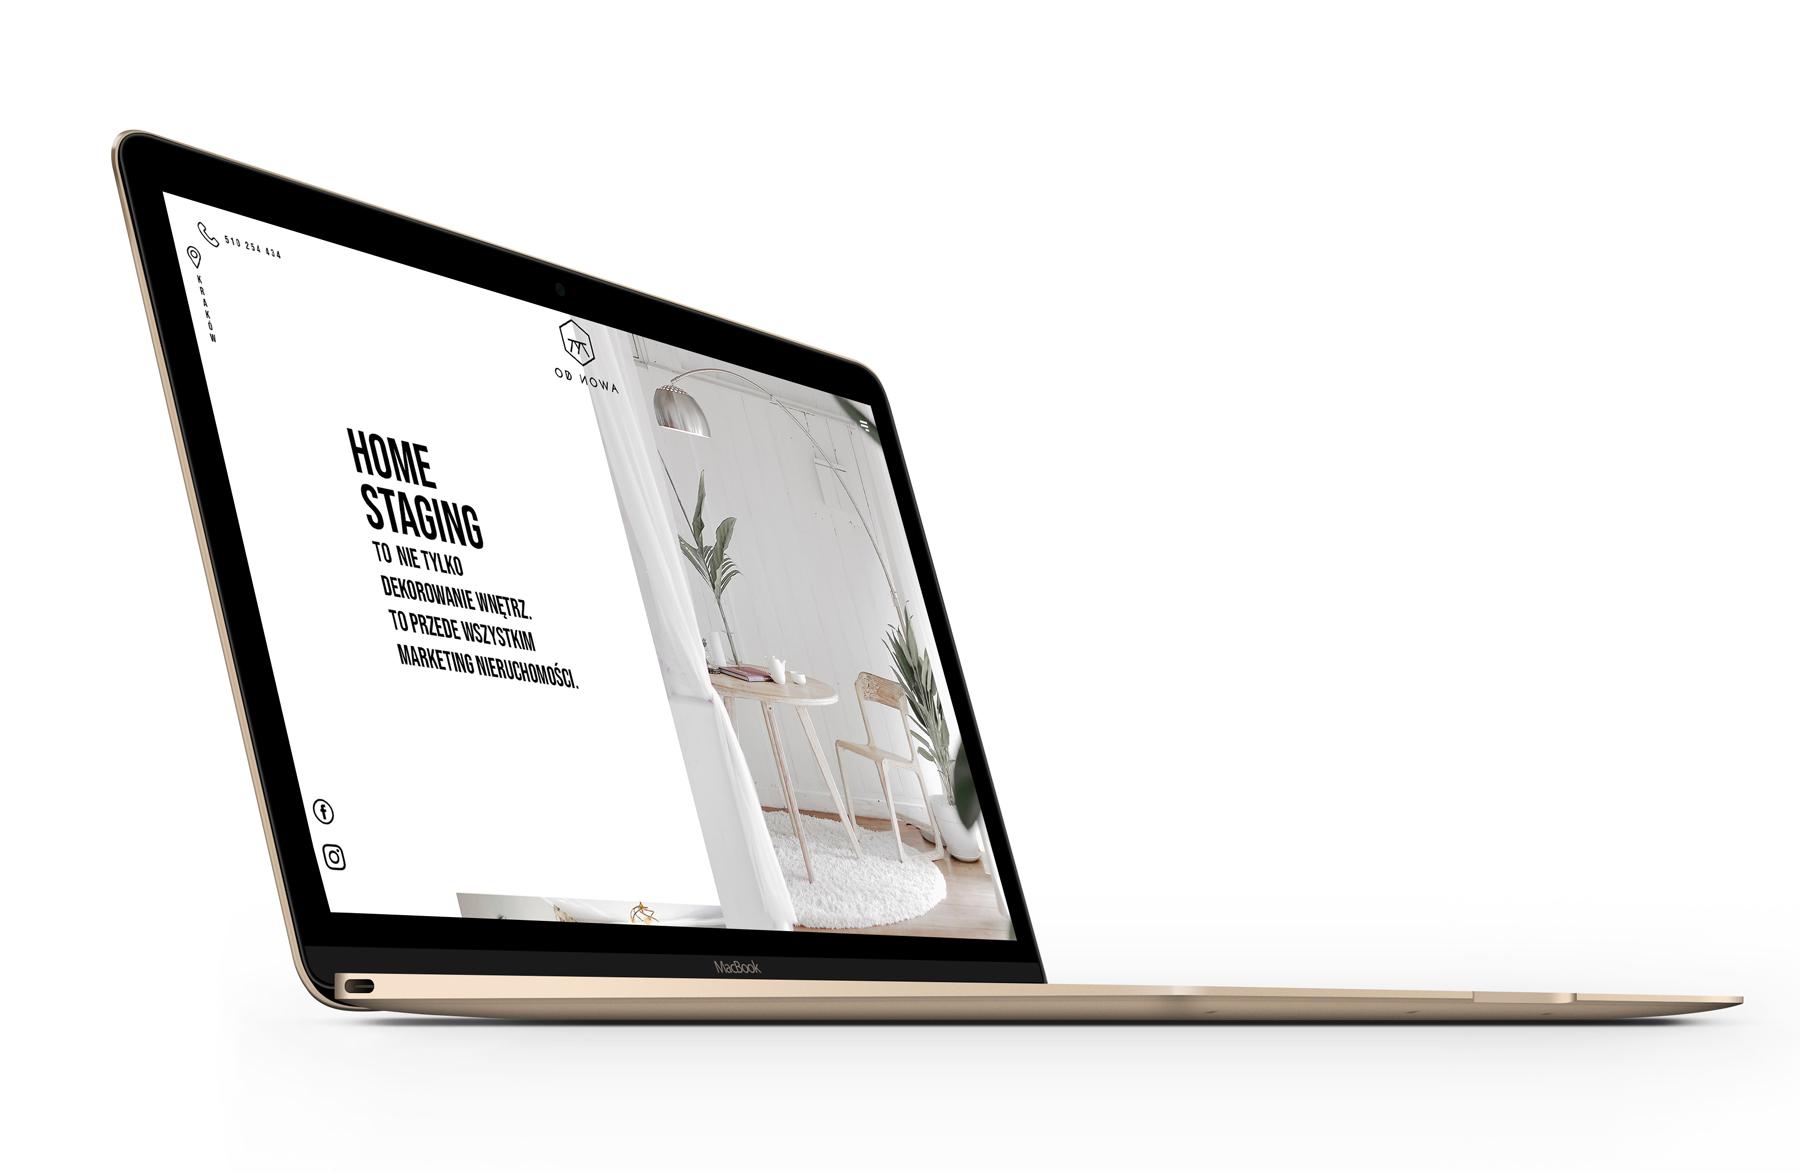 Od Nowa - home staging - wizualizacja nowej strony internetowej